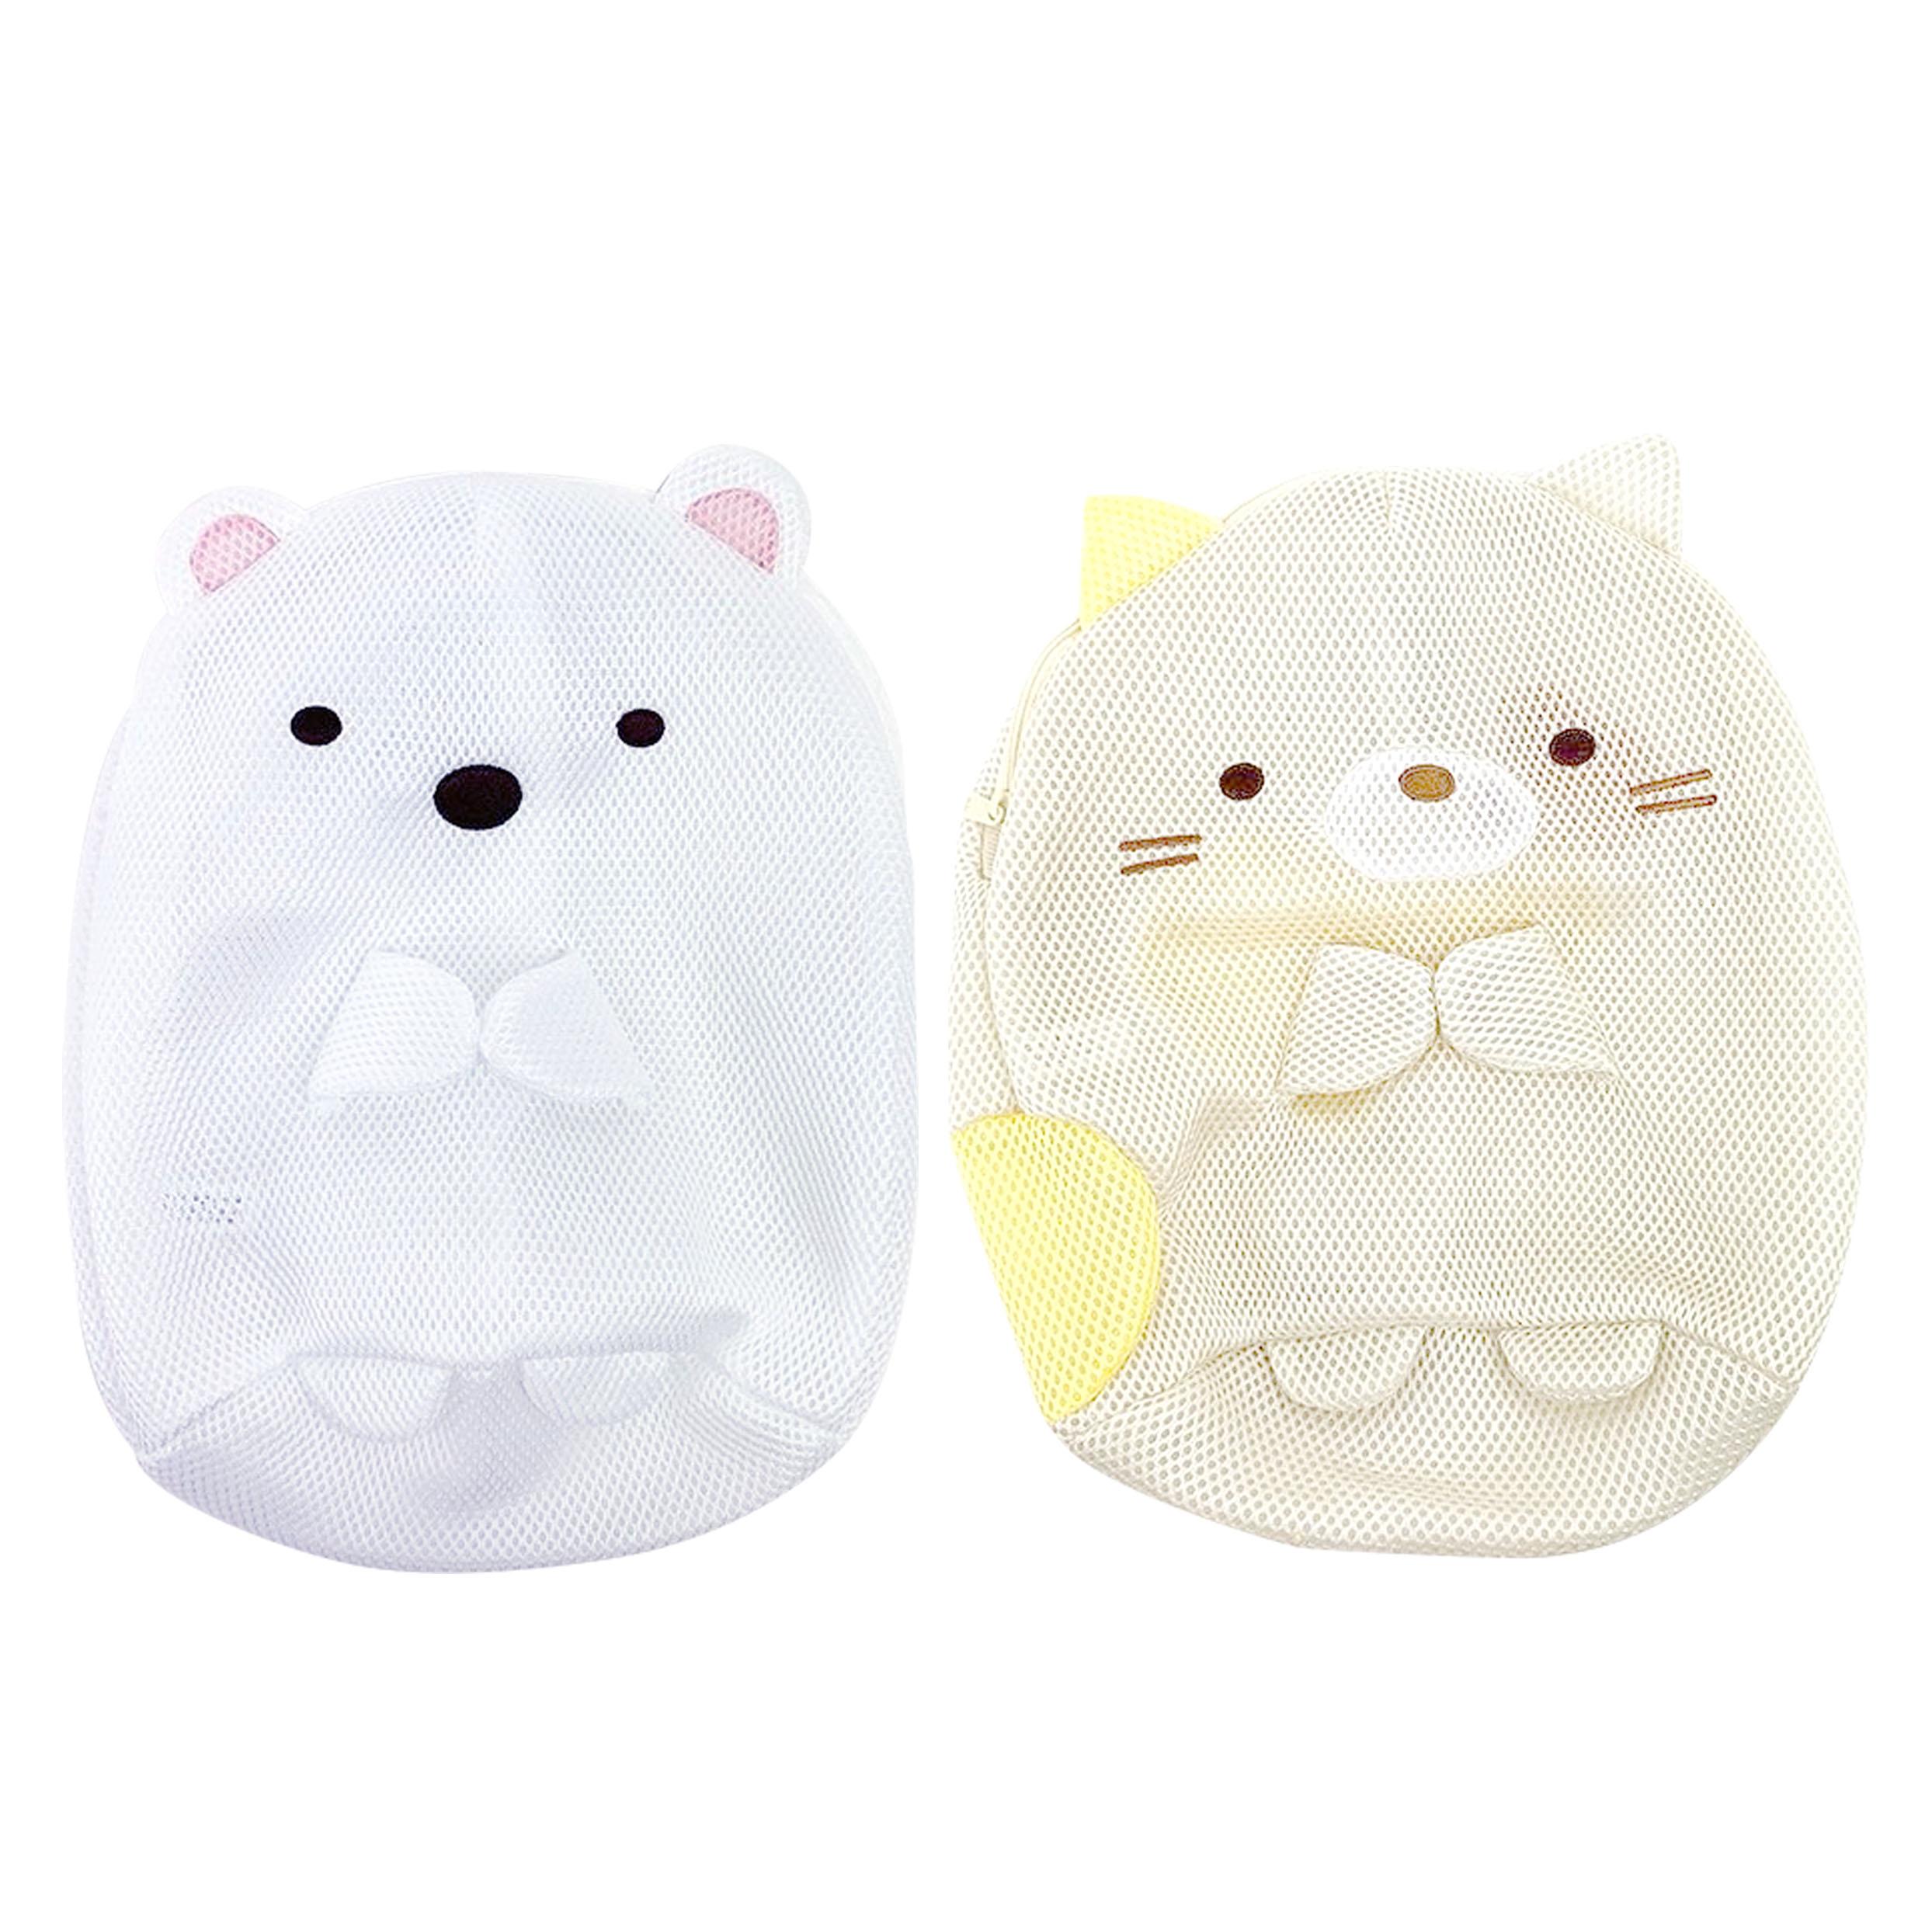 角落生物 造型洗衣袋 2款 日本進口